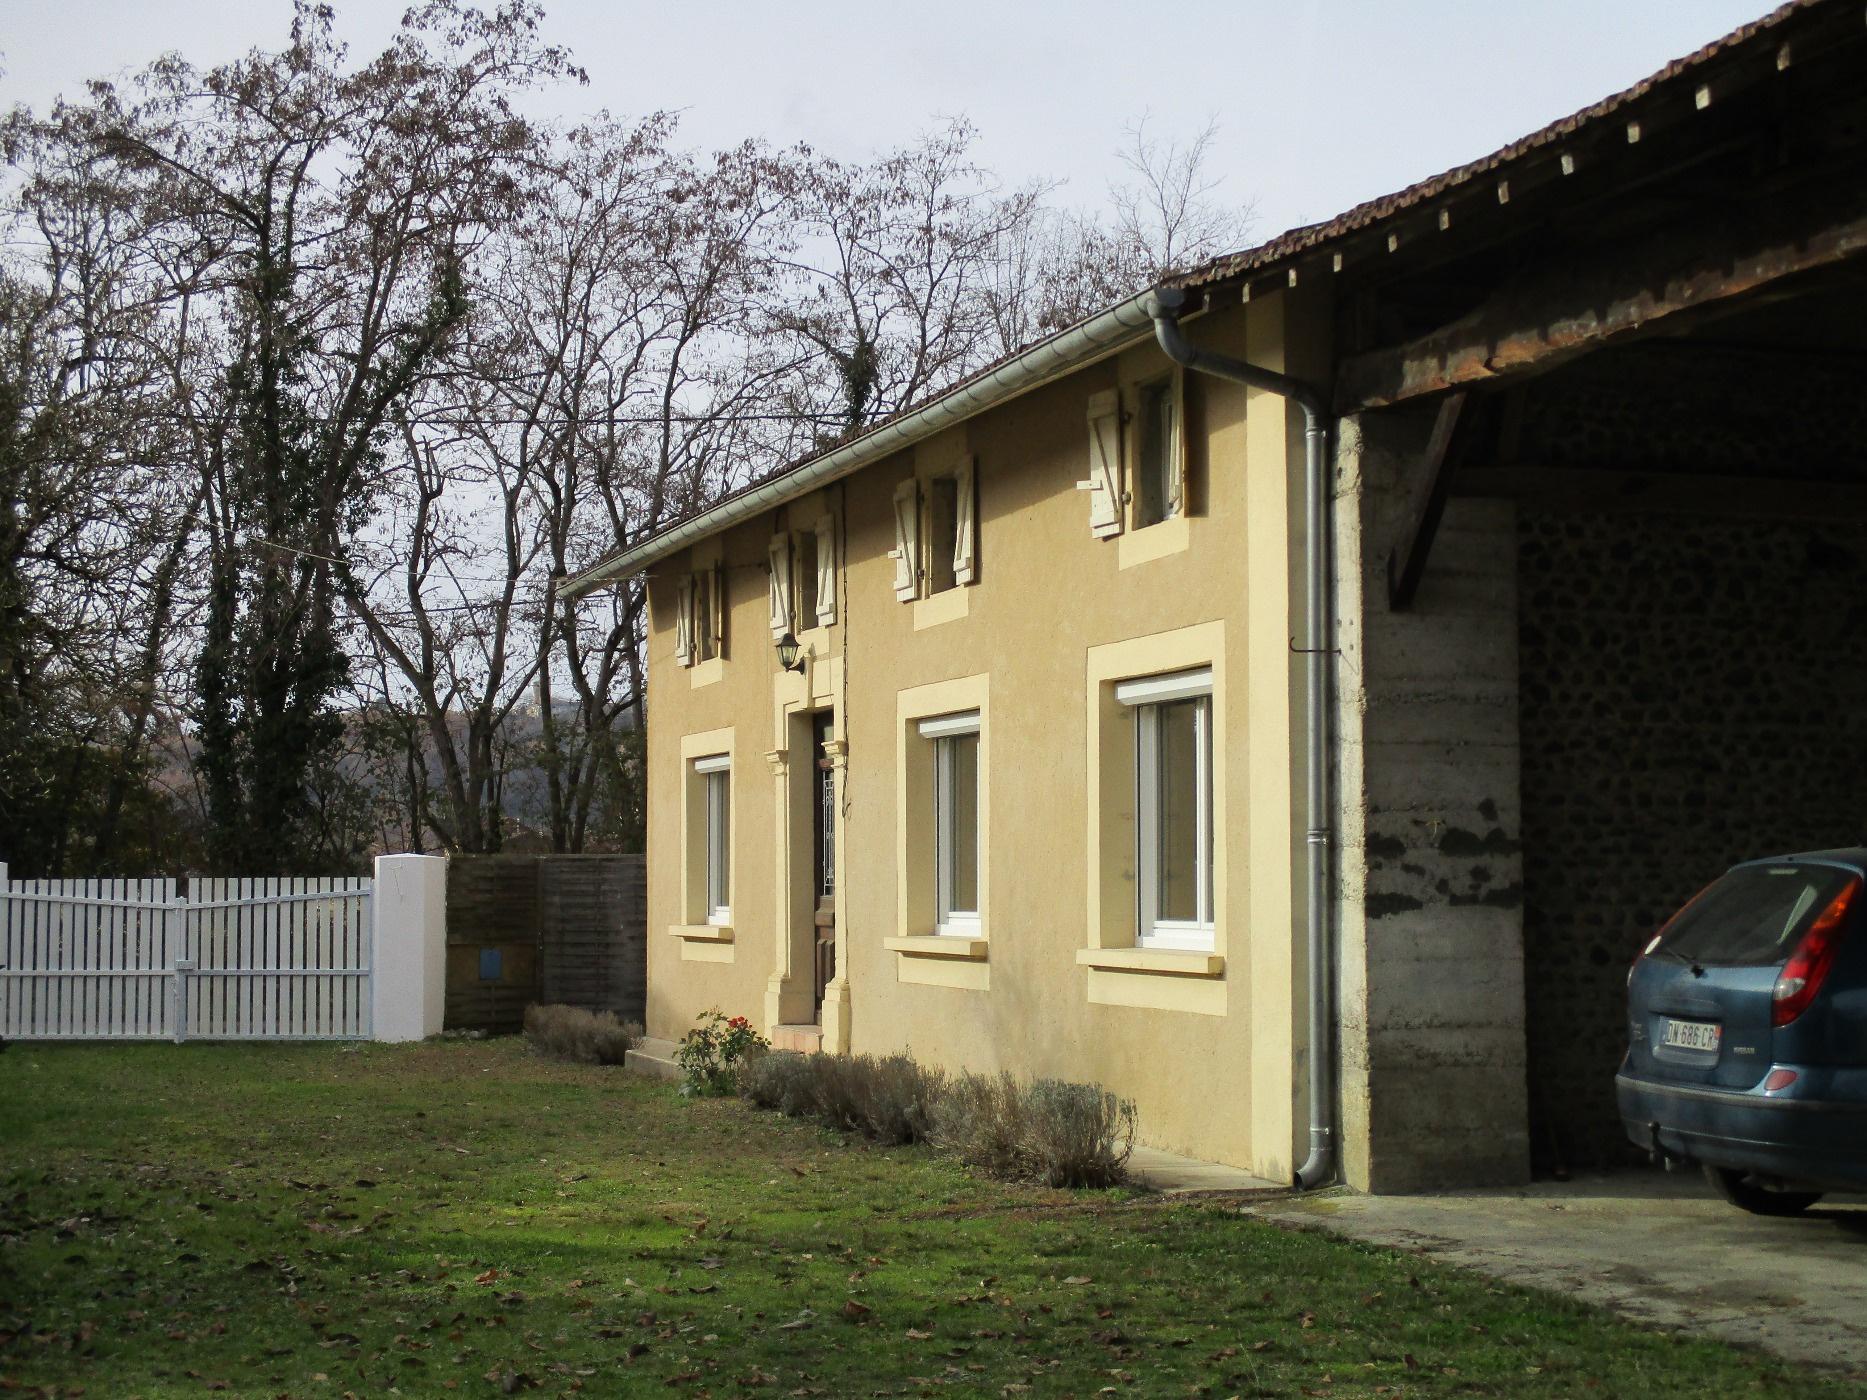 Vente maison/villa 3 pièces plaisance 32160